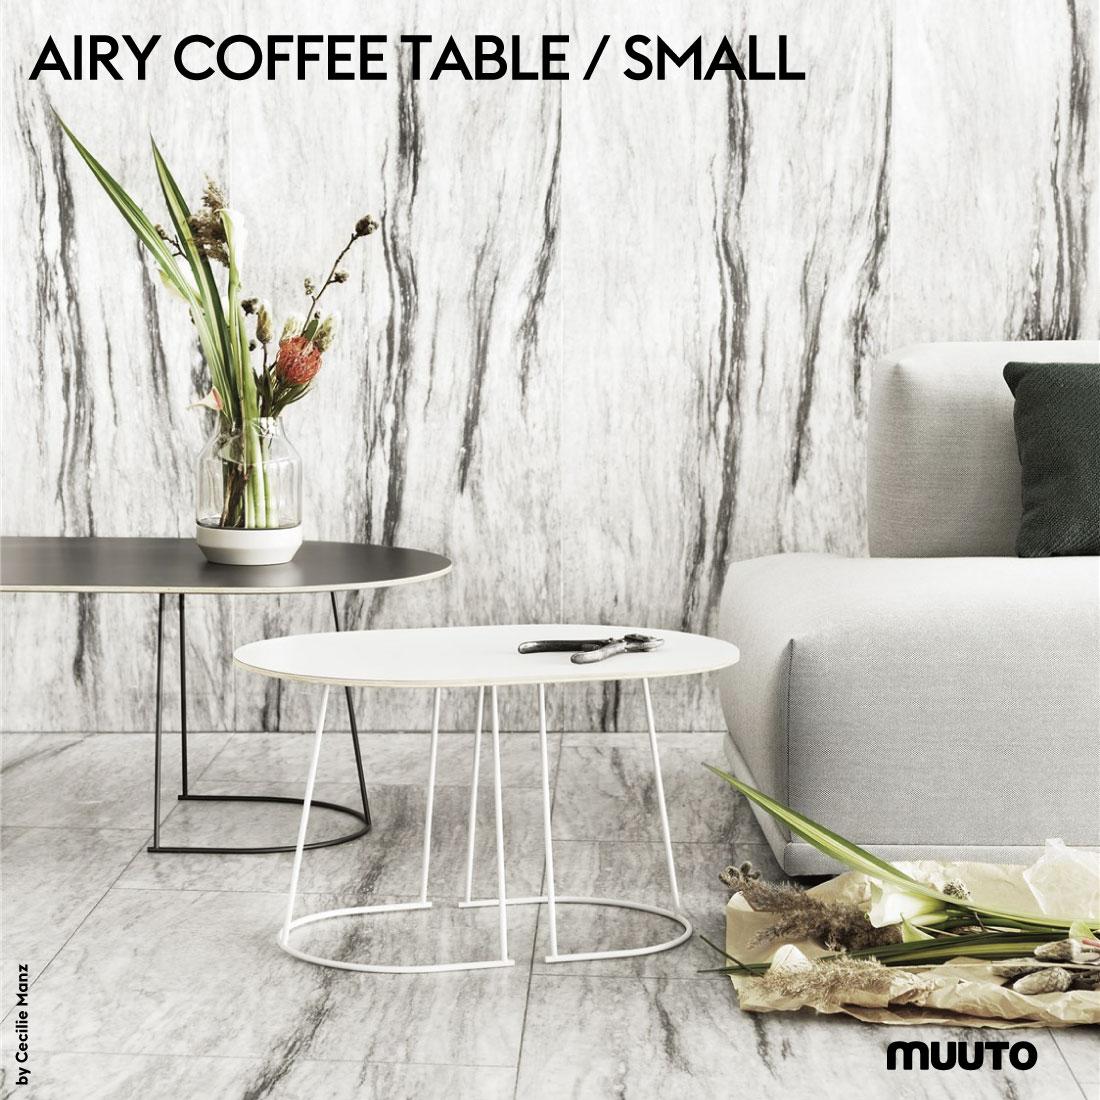 【Muuto/ムート】AIRY COFFEE TABLE / SMALL/エアリーコーヒーテーブル/Sサイズ/プライウッド/FENIXラミネート/Cecilie Manz/セシリエ・マンツ/